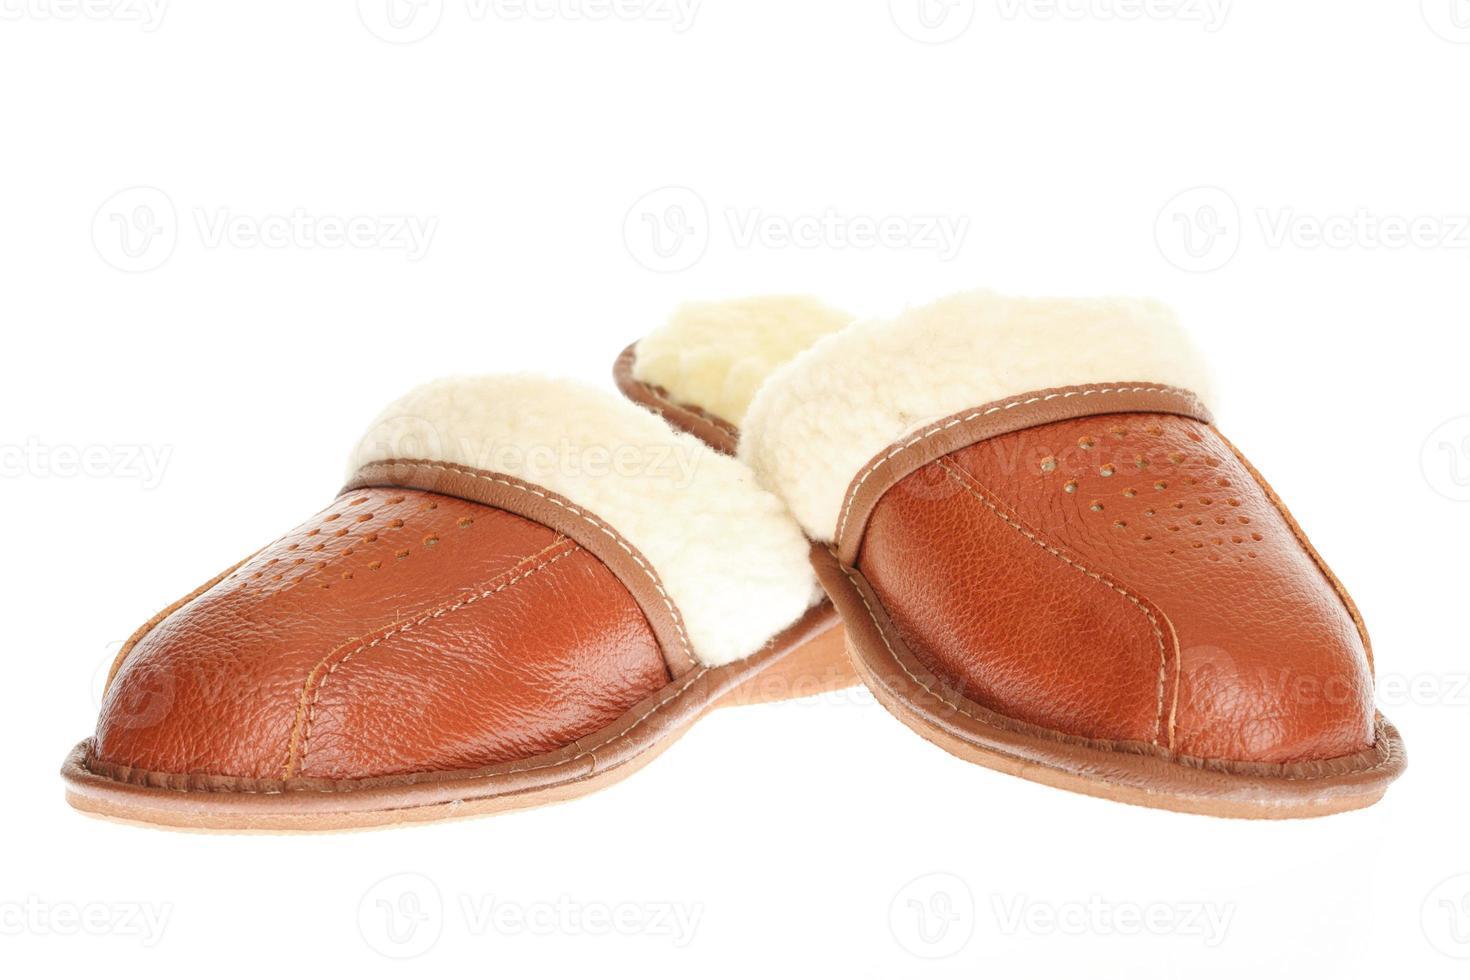 chinelos marrons isolados em um fundo branco. foto